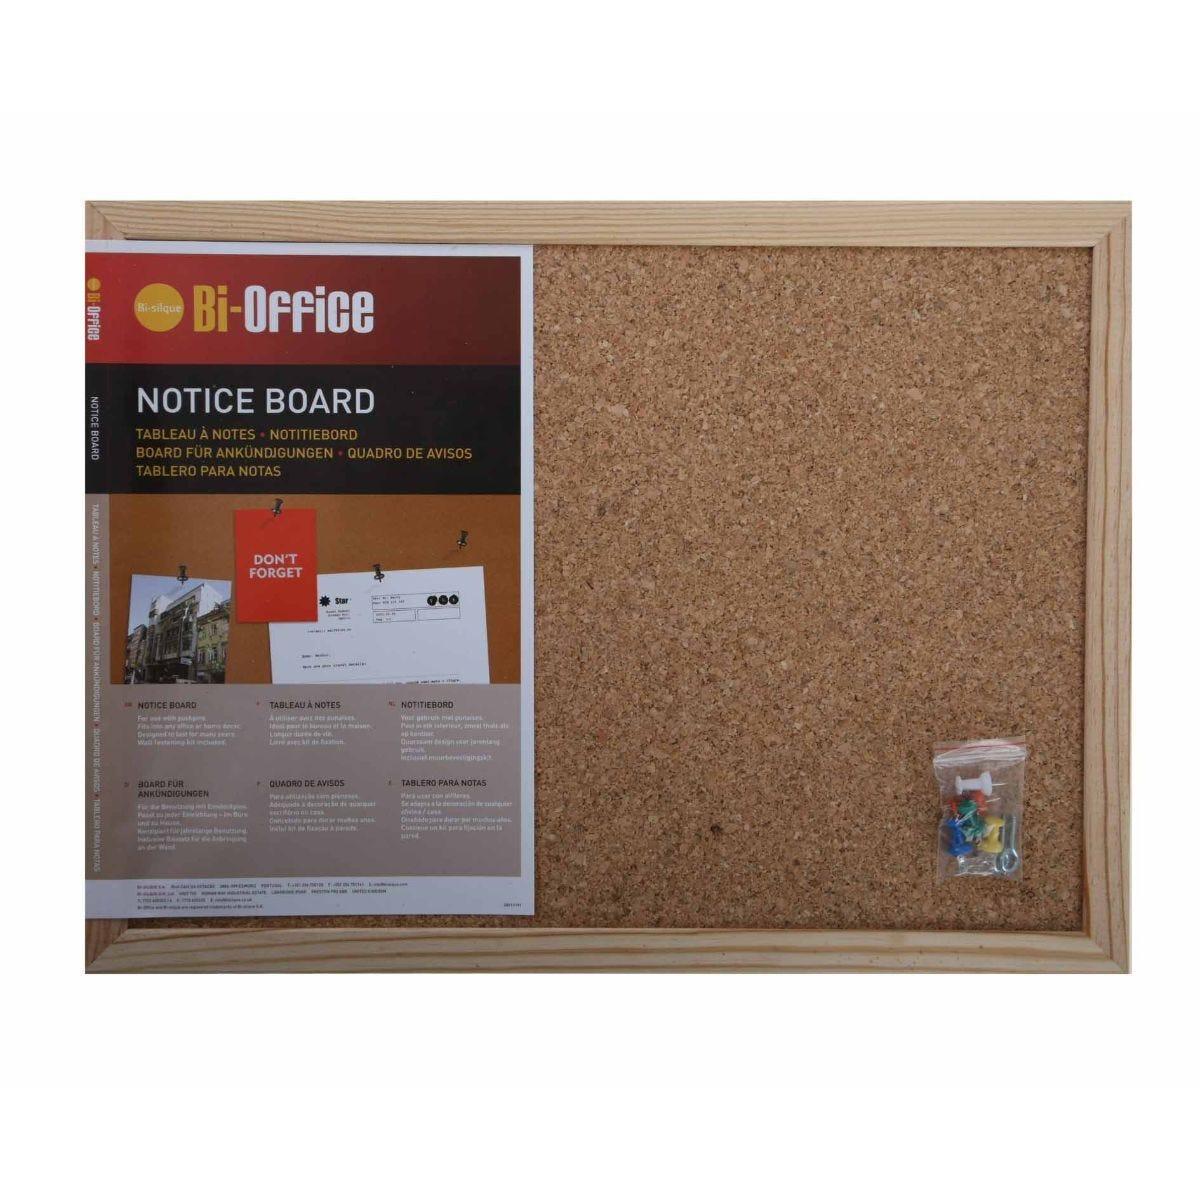 Bi-Office Cork Notice Board 400x300mm